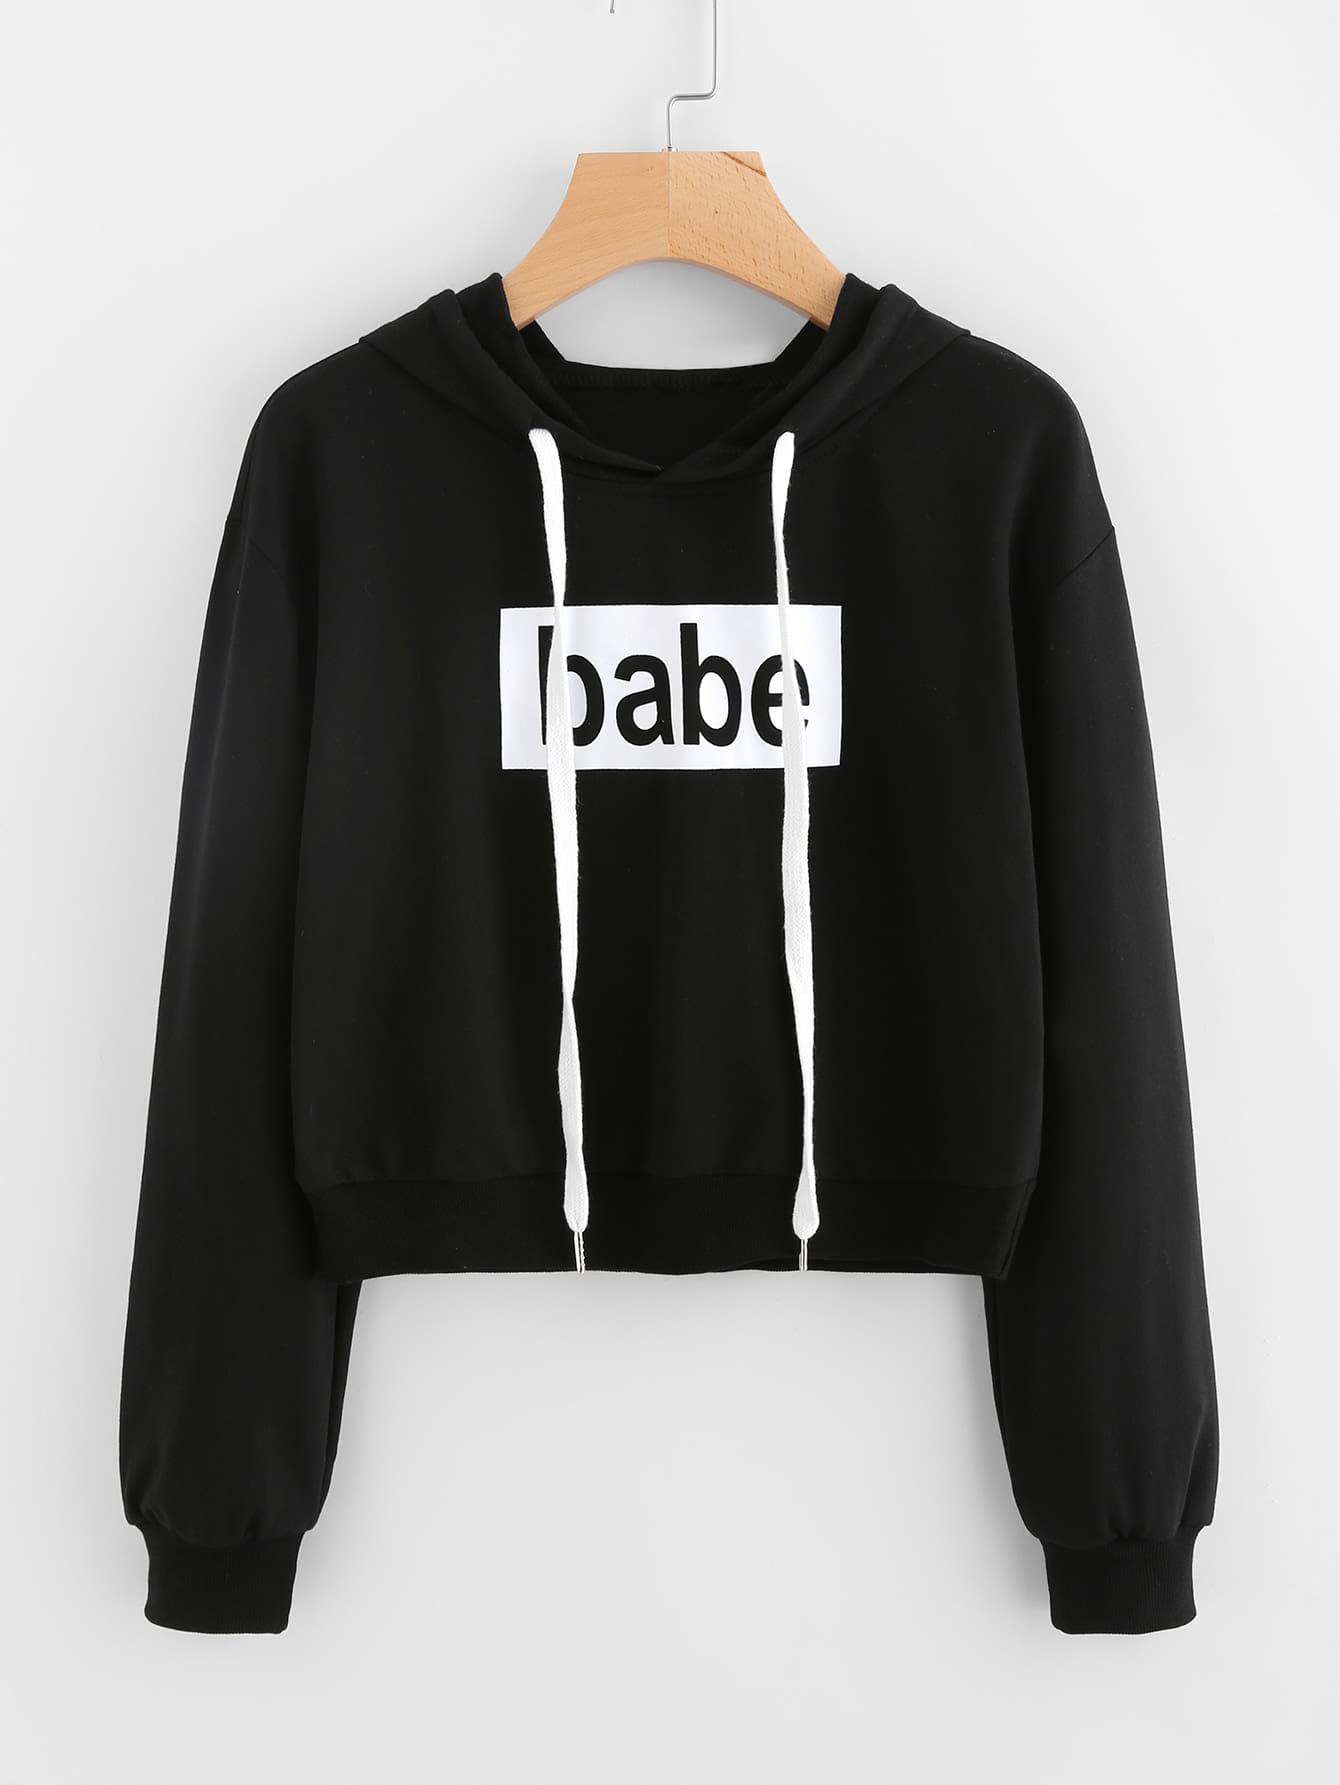 Babe Print Drawstring Hoodie kids drawstring hoodie jacket